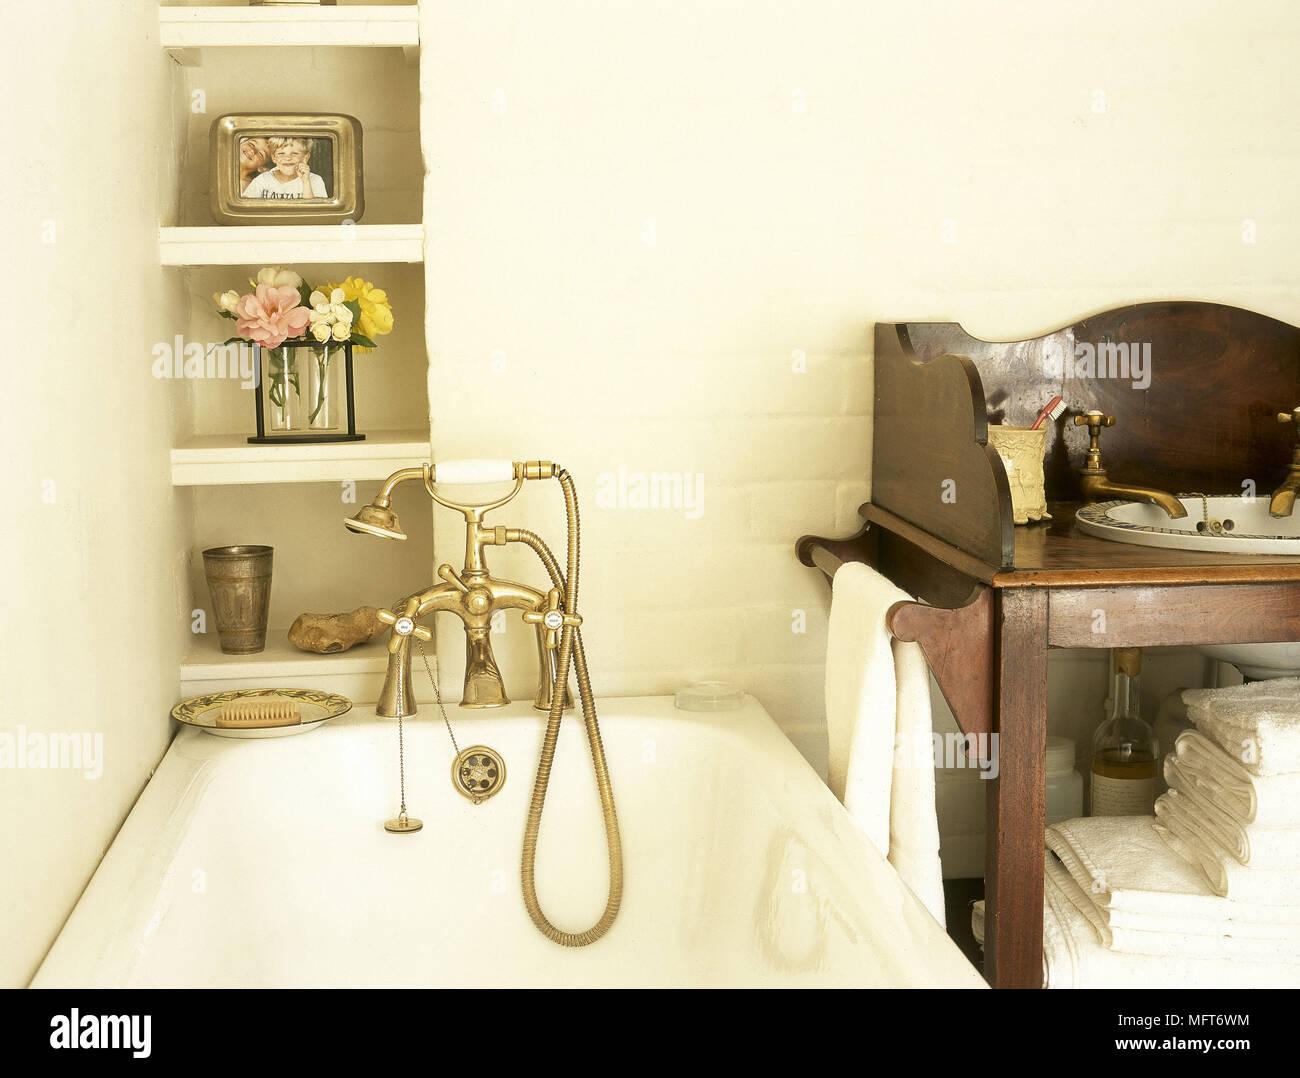 Rubinetteria Bagno Tradizionale : Bagno tradizionale dettaglio bagno doccia in ottone rubinetto